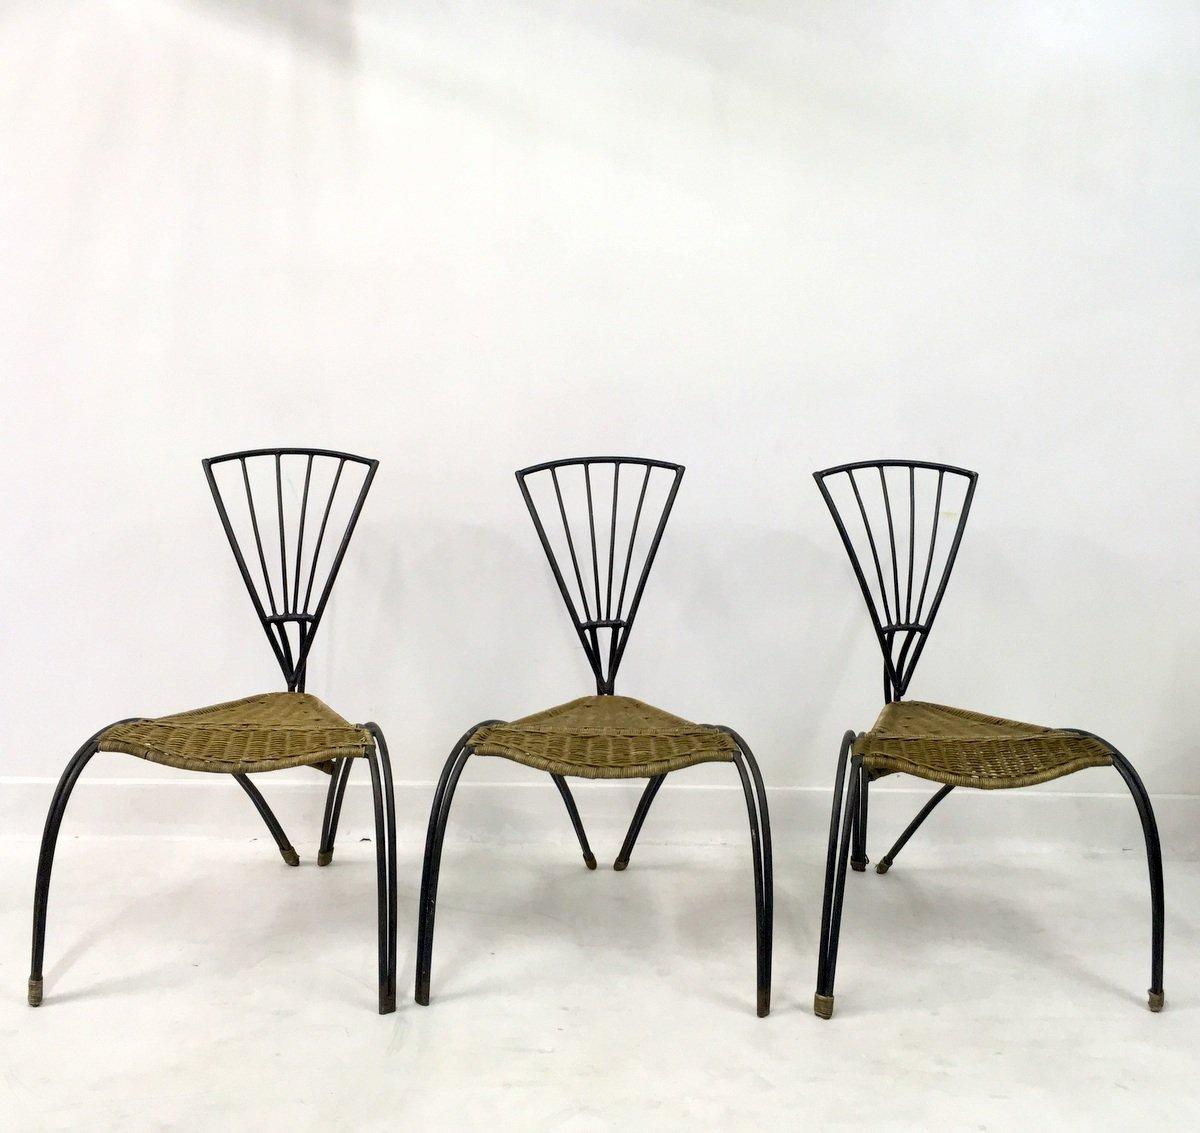 Sedie in ferro battuto e vimini, Francia, set di 3 in vendita su ...